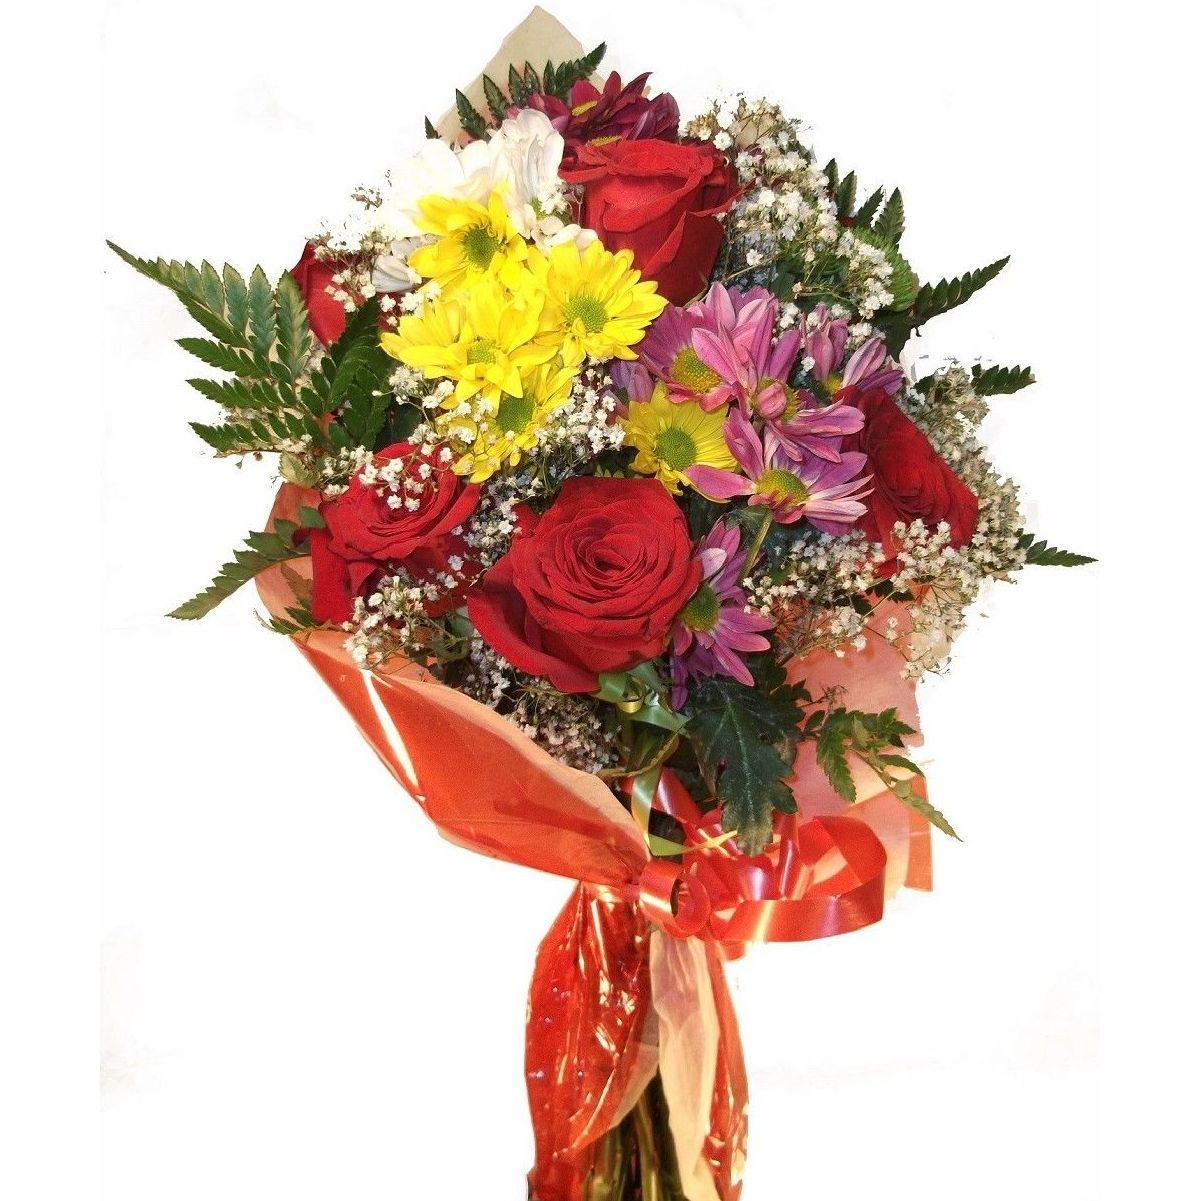 Ramos flores: Productos y servicios de Floristería Rosella